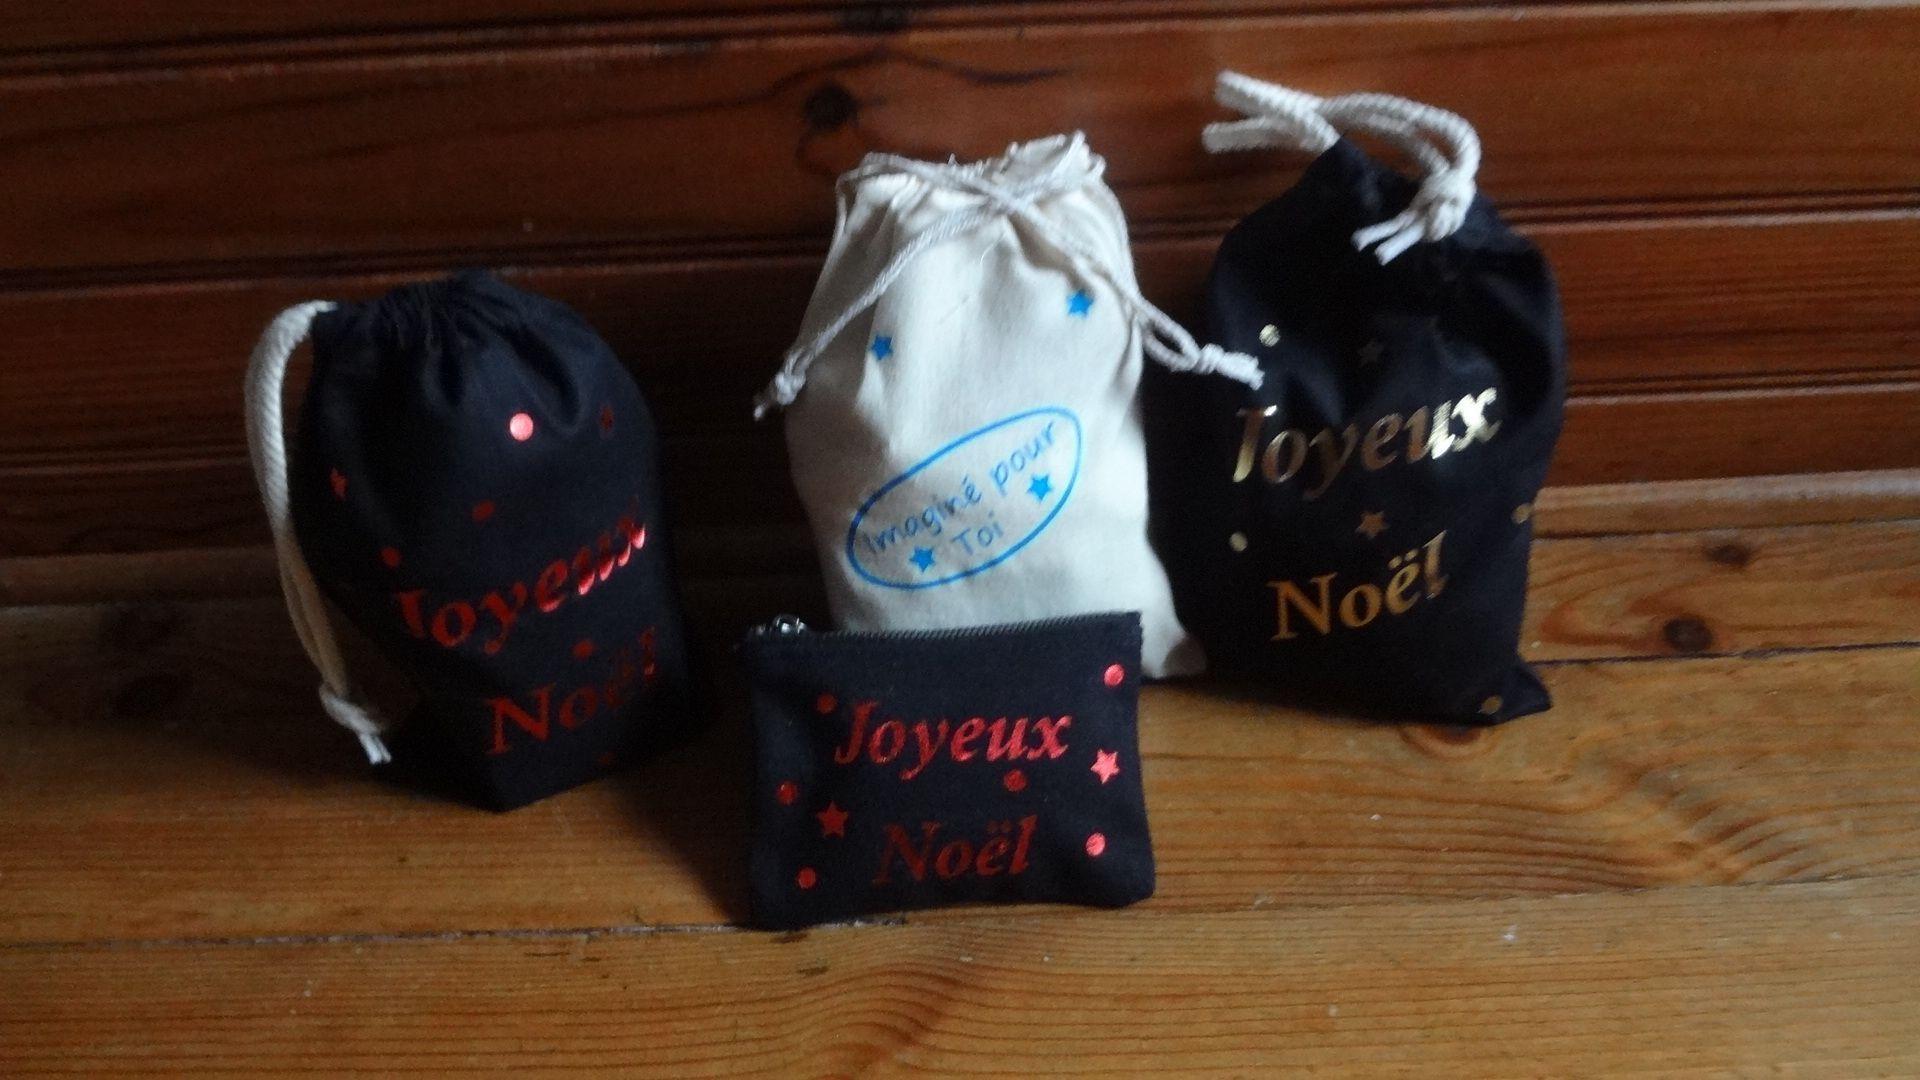 Merveilleux Aucun coût Emballage Cadeau tissus Style,Ces emballages cadeaux en tissus et ...